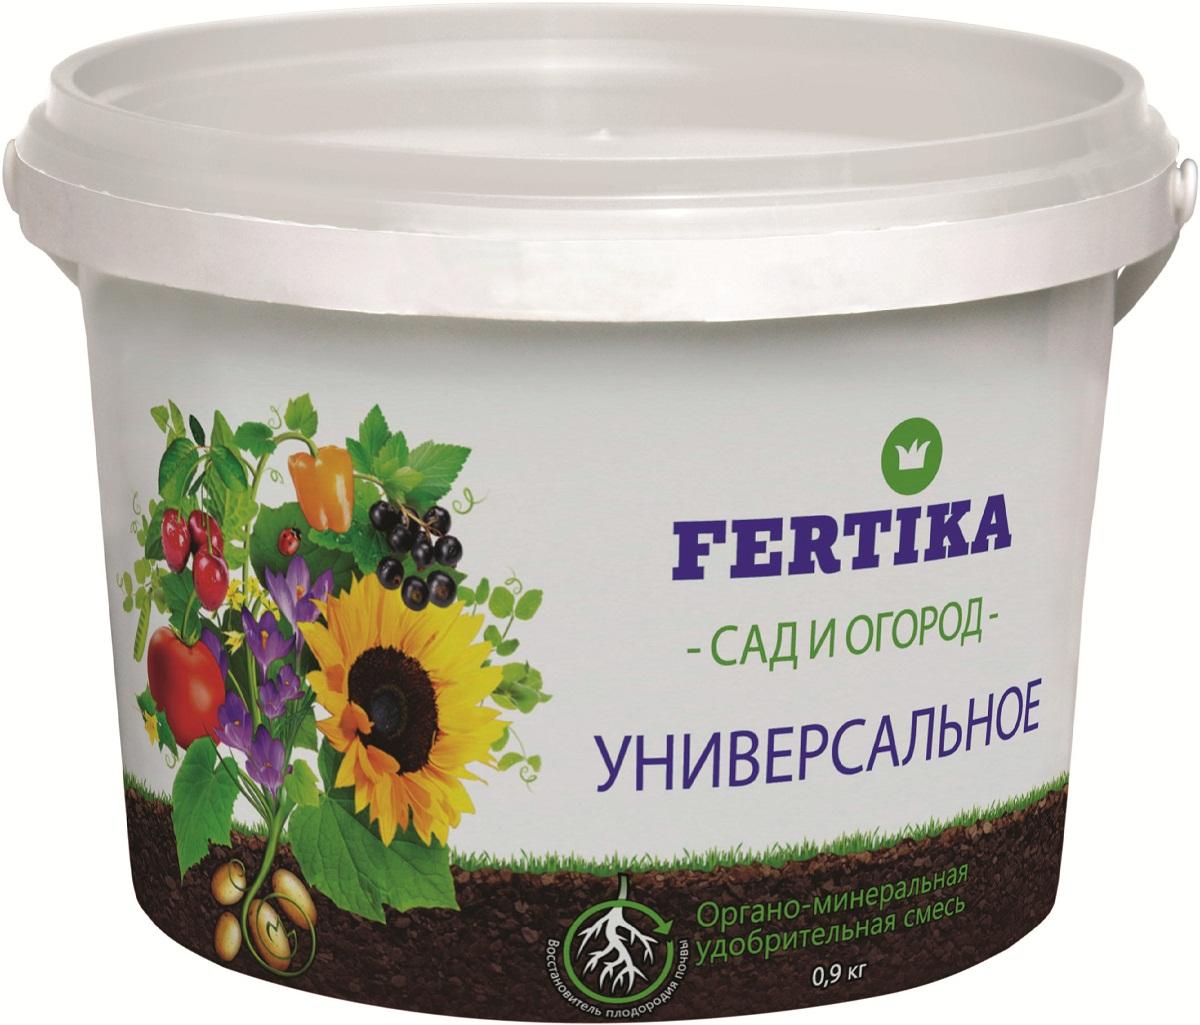 УДОБРЕНИЕ УНИВЕРСАЛЬНОЕ (ОМУ) NPK 8:8:8 + ГУМАТ + КОМПЛЕКС МИКРОЭЛЕМЕНТОВ. • Органо-минеральная удобрительная смесь с 18% содержанием гумата. • Каждая гранула смеси содержит полный сбалансированный набор макро- и микроэлементов питания, необходимых для нормального роста и развития растений. Для основного внесения и подкормки в период вегетации овощных, плодово ягодных, цветочно-декоративных культур, комнатных и садово парковых растений в открытом и защищенном грунте.